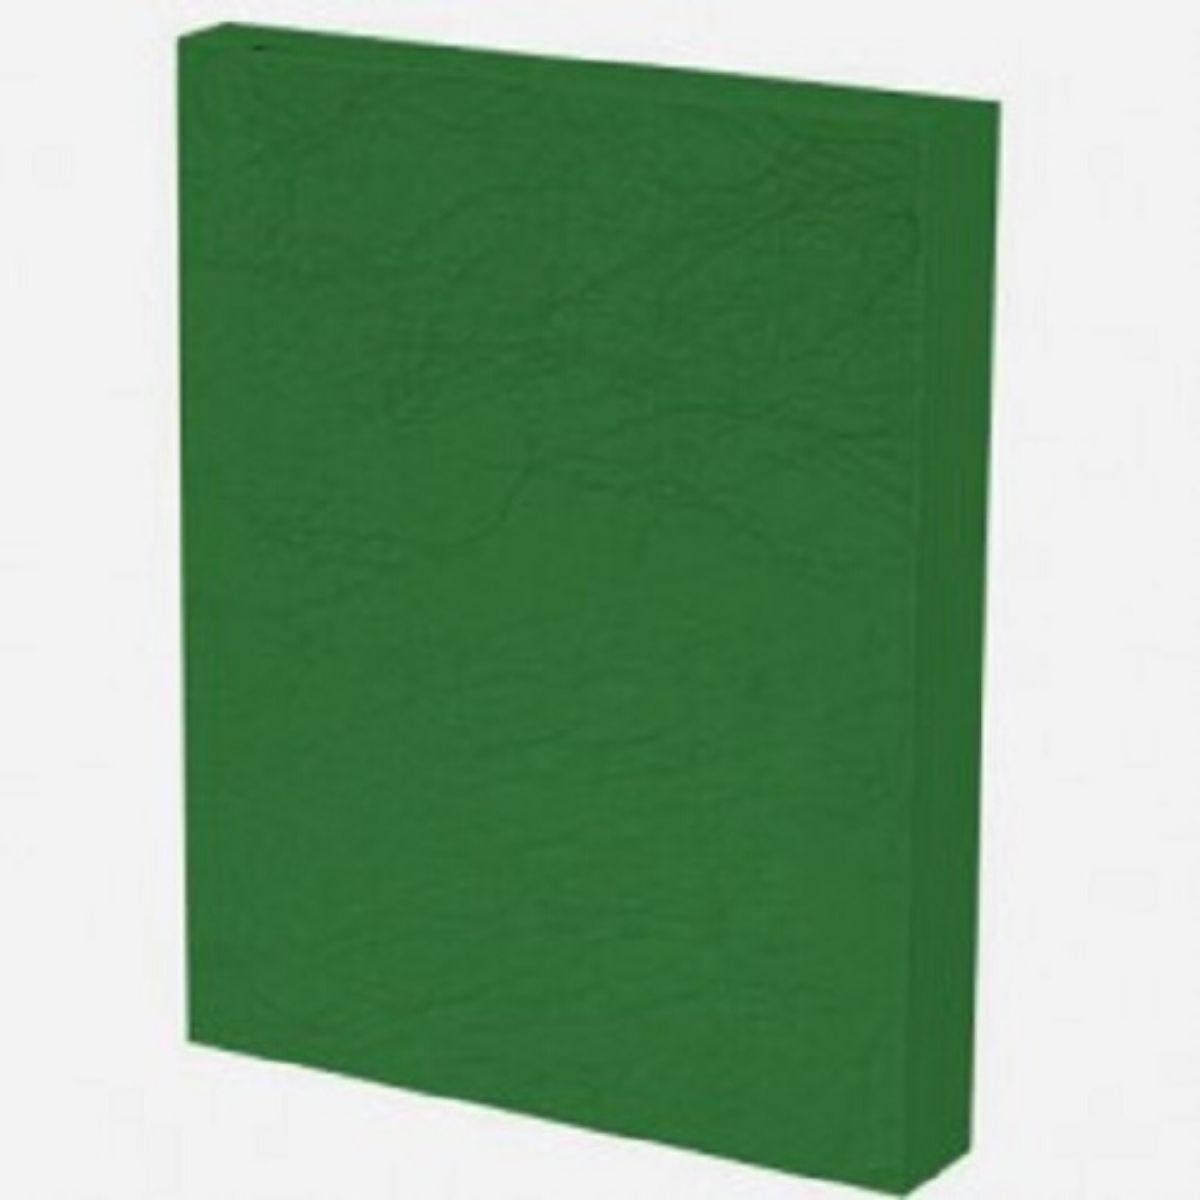 Kit 1000 Capas para Encadernação PP 0,30mm A4 Verde Couro (Fundo)  - Click Suprimentos